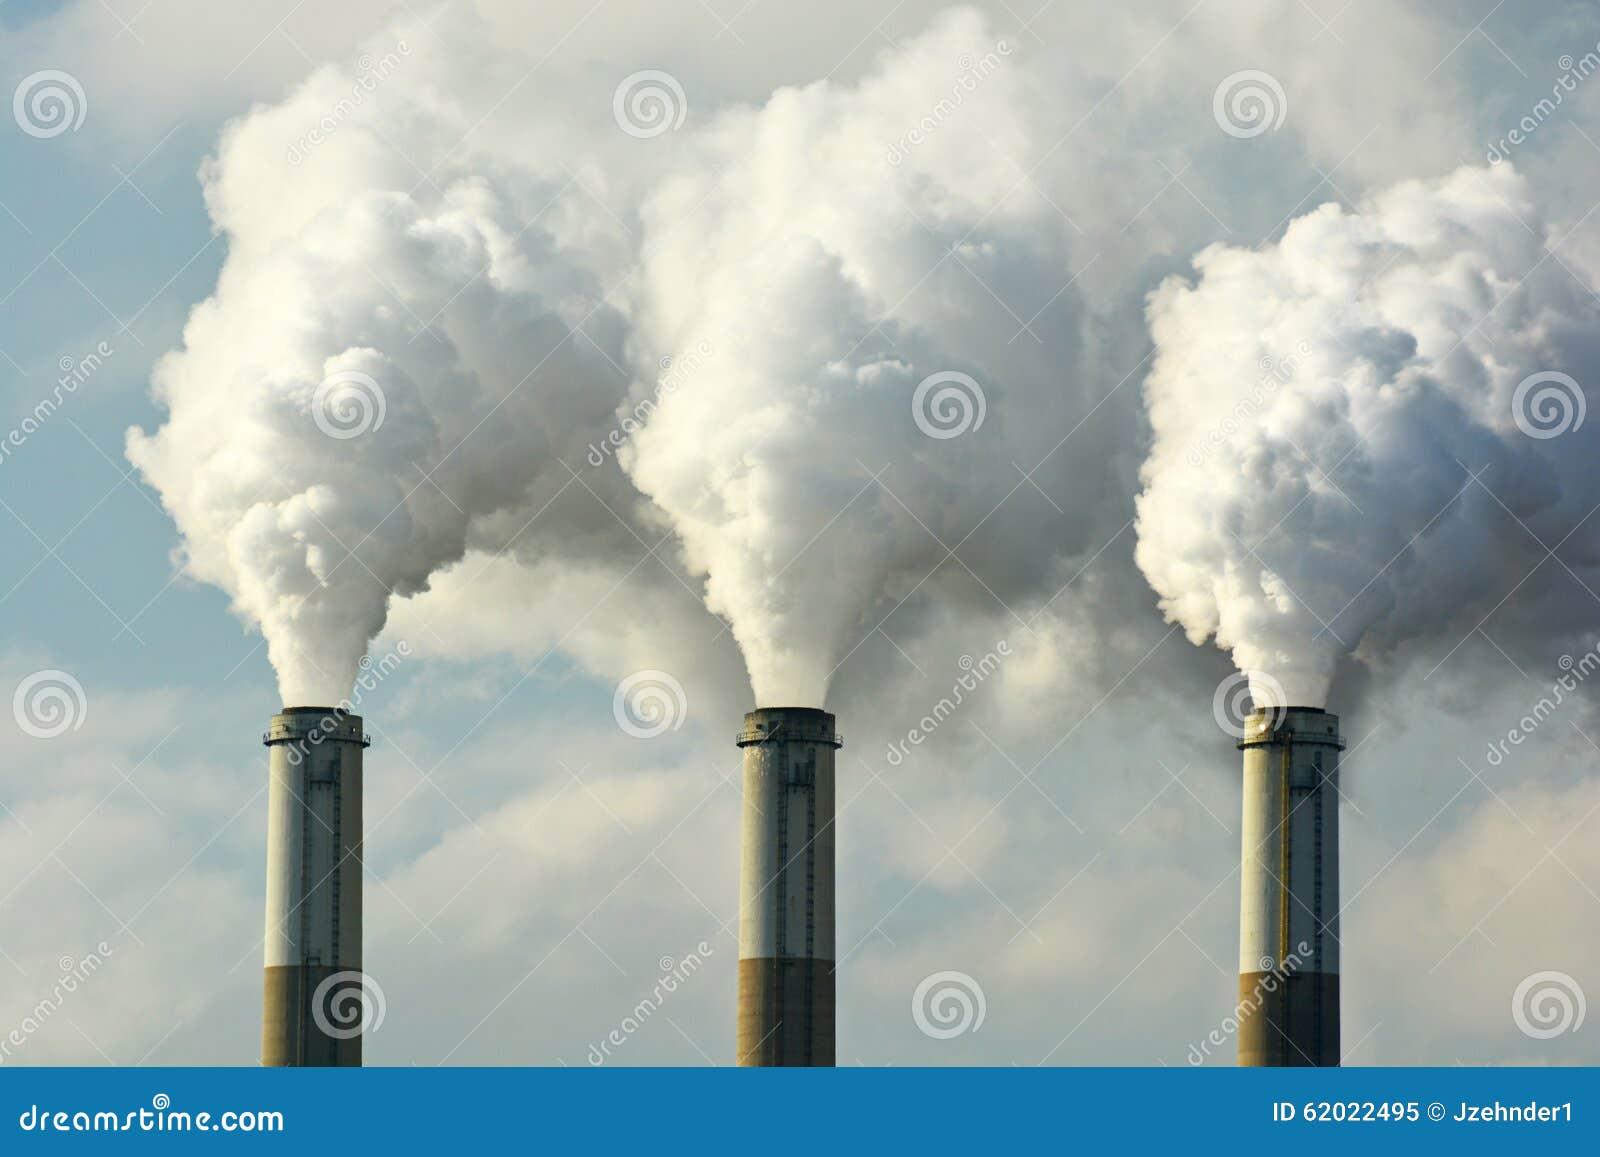 多扇煤炭矿物燃料能源厂烟窗散发二氧化碳污染